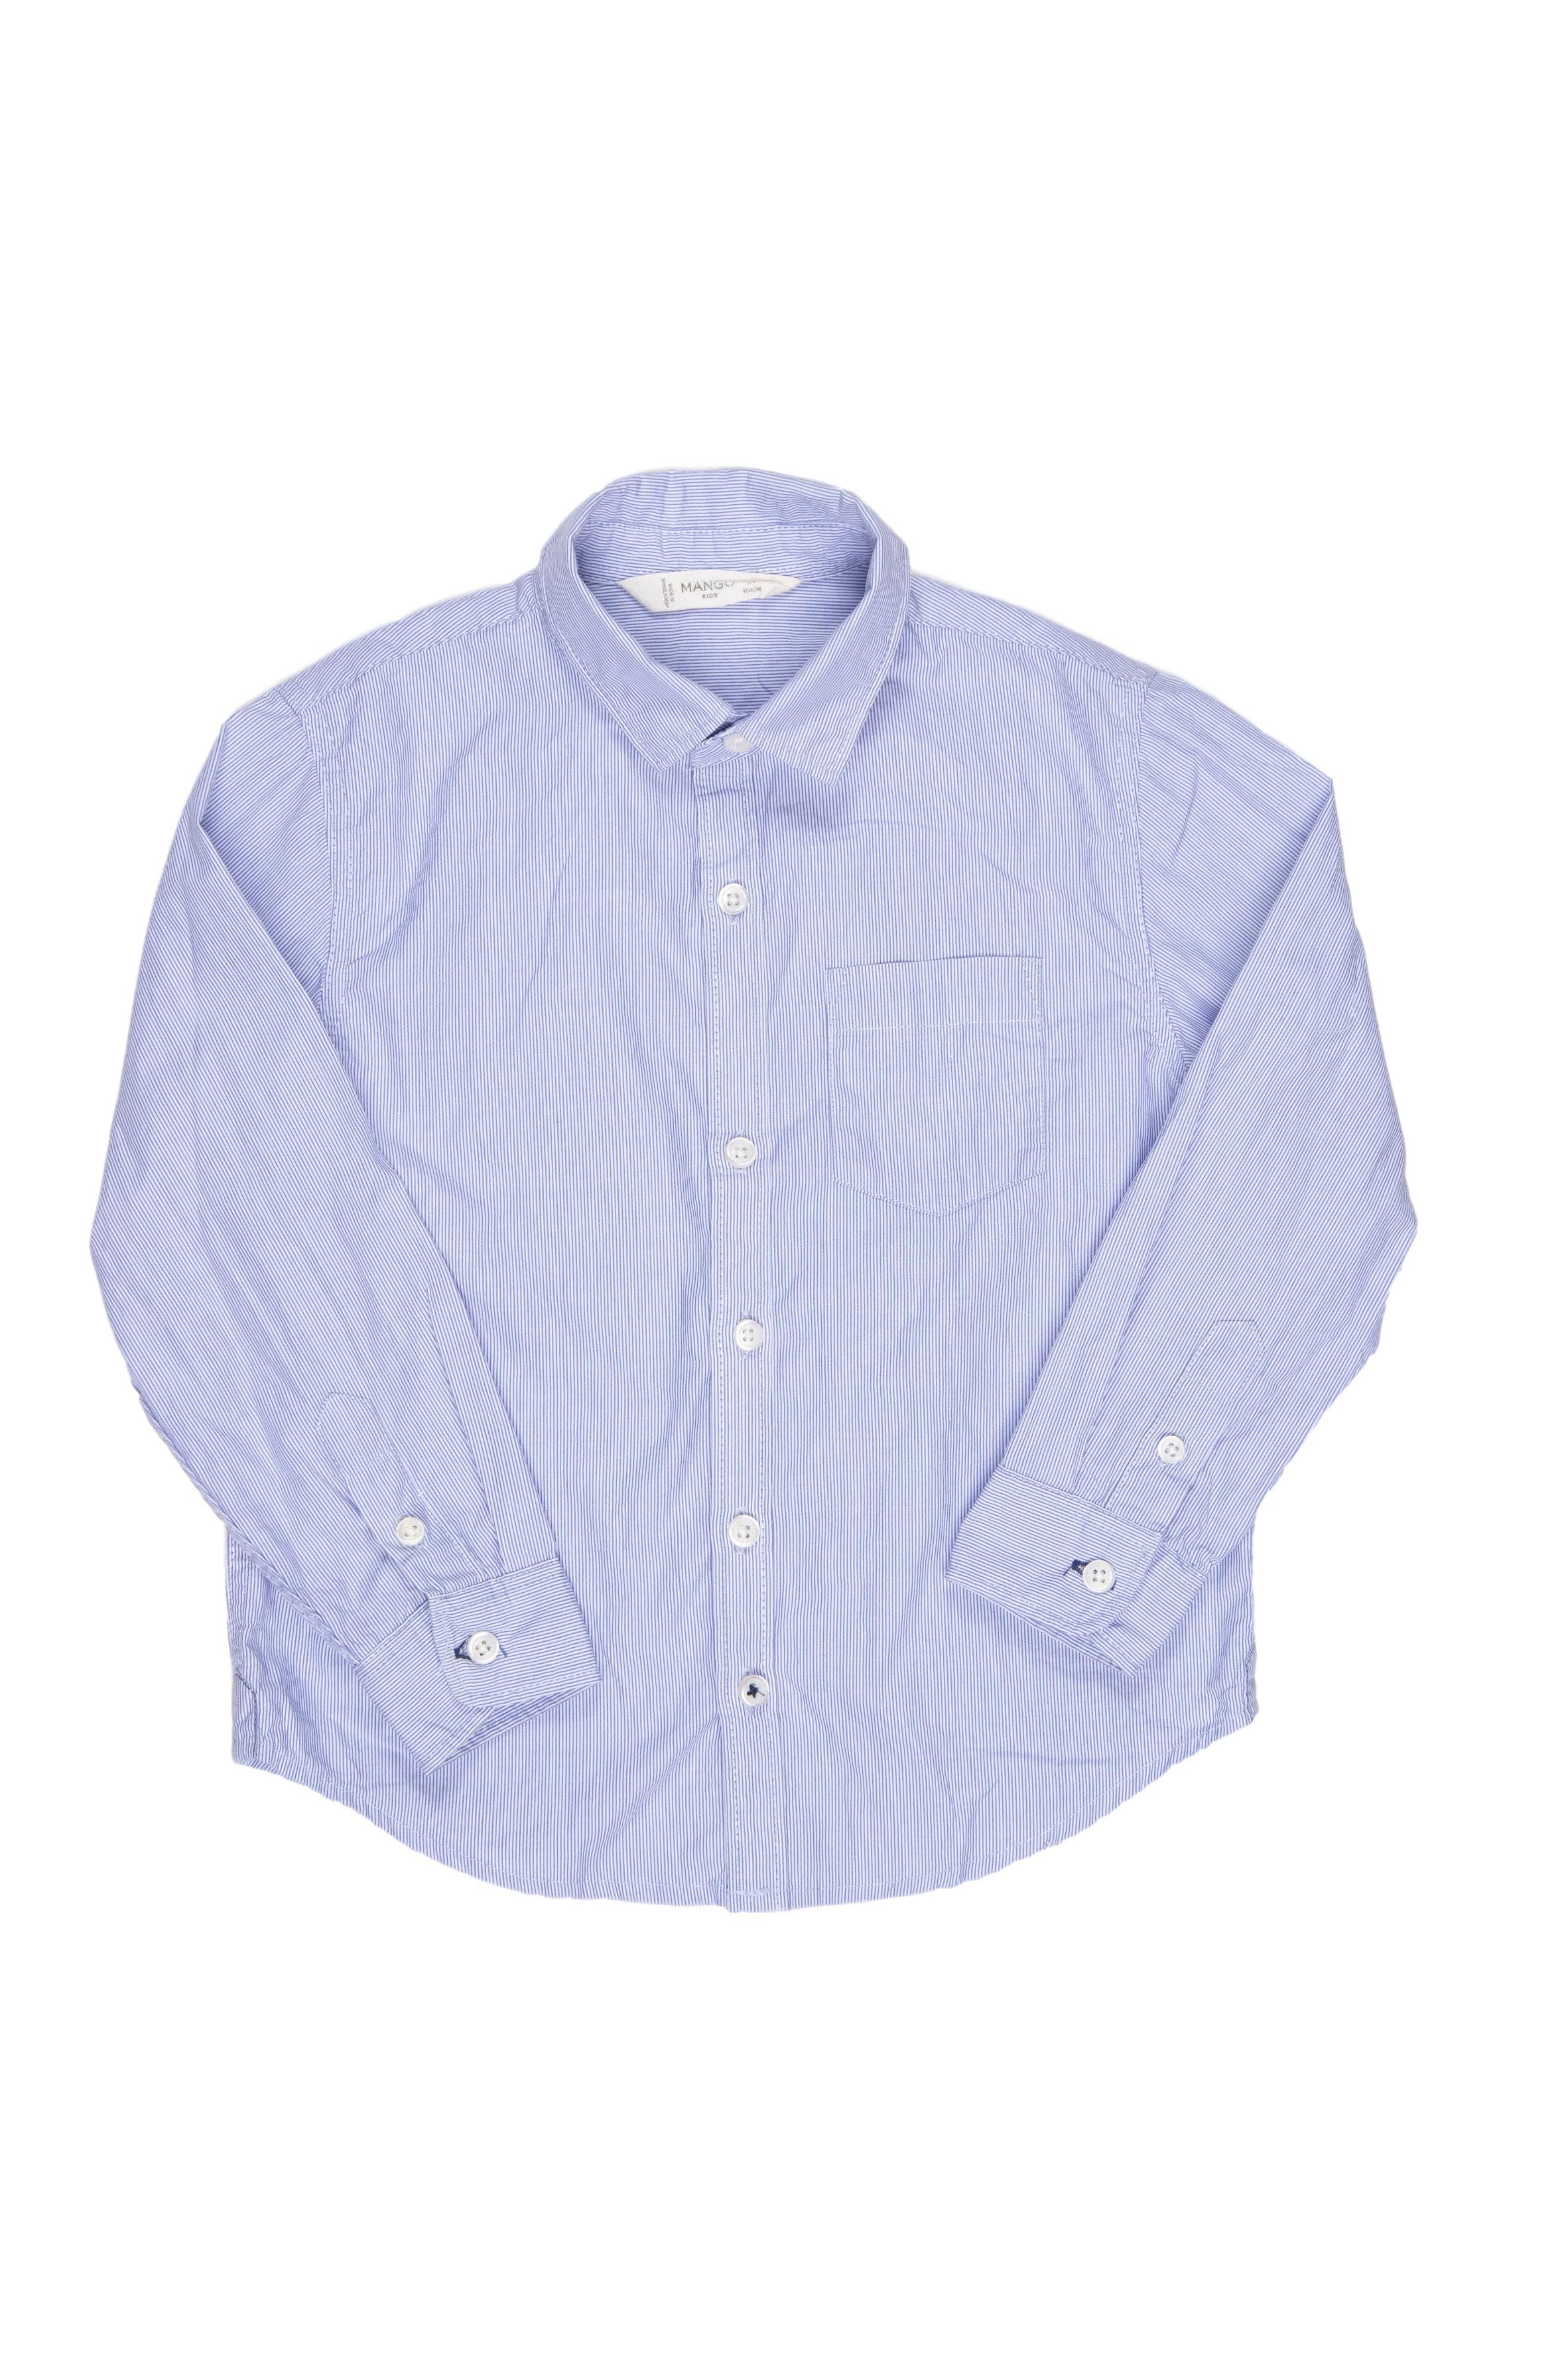 Camisa de rayas delgaditas azules en fondo blanco, una sola puesta. Talla en etiqueta: 3 - 4 años. 100% algodón - Mango